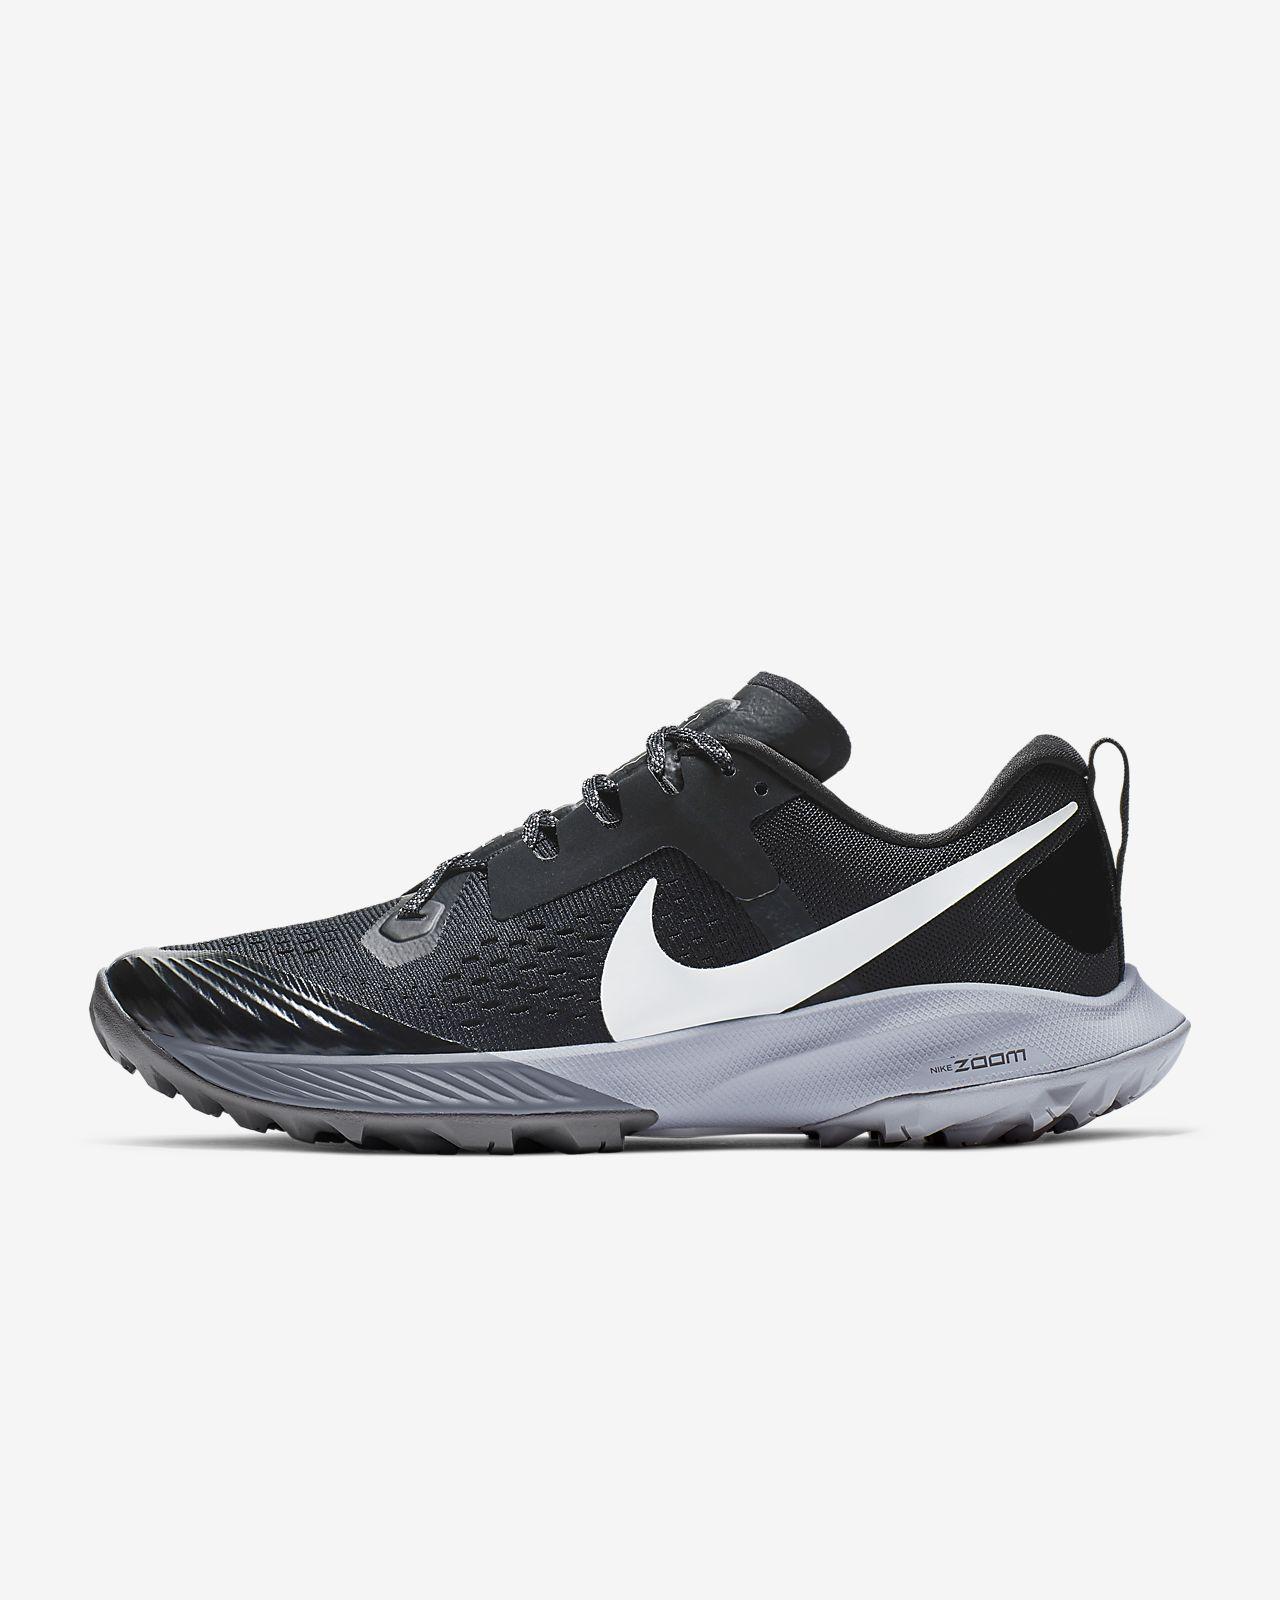 Nike Air Zoom Terra Kiger 5 Arazi Tipi Kadın Koşu Ayakkabısı